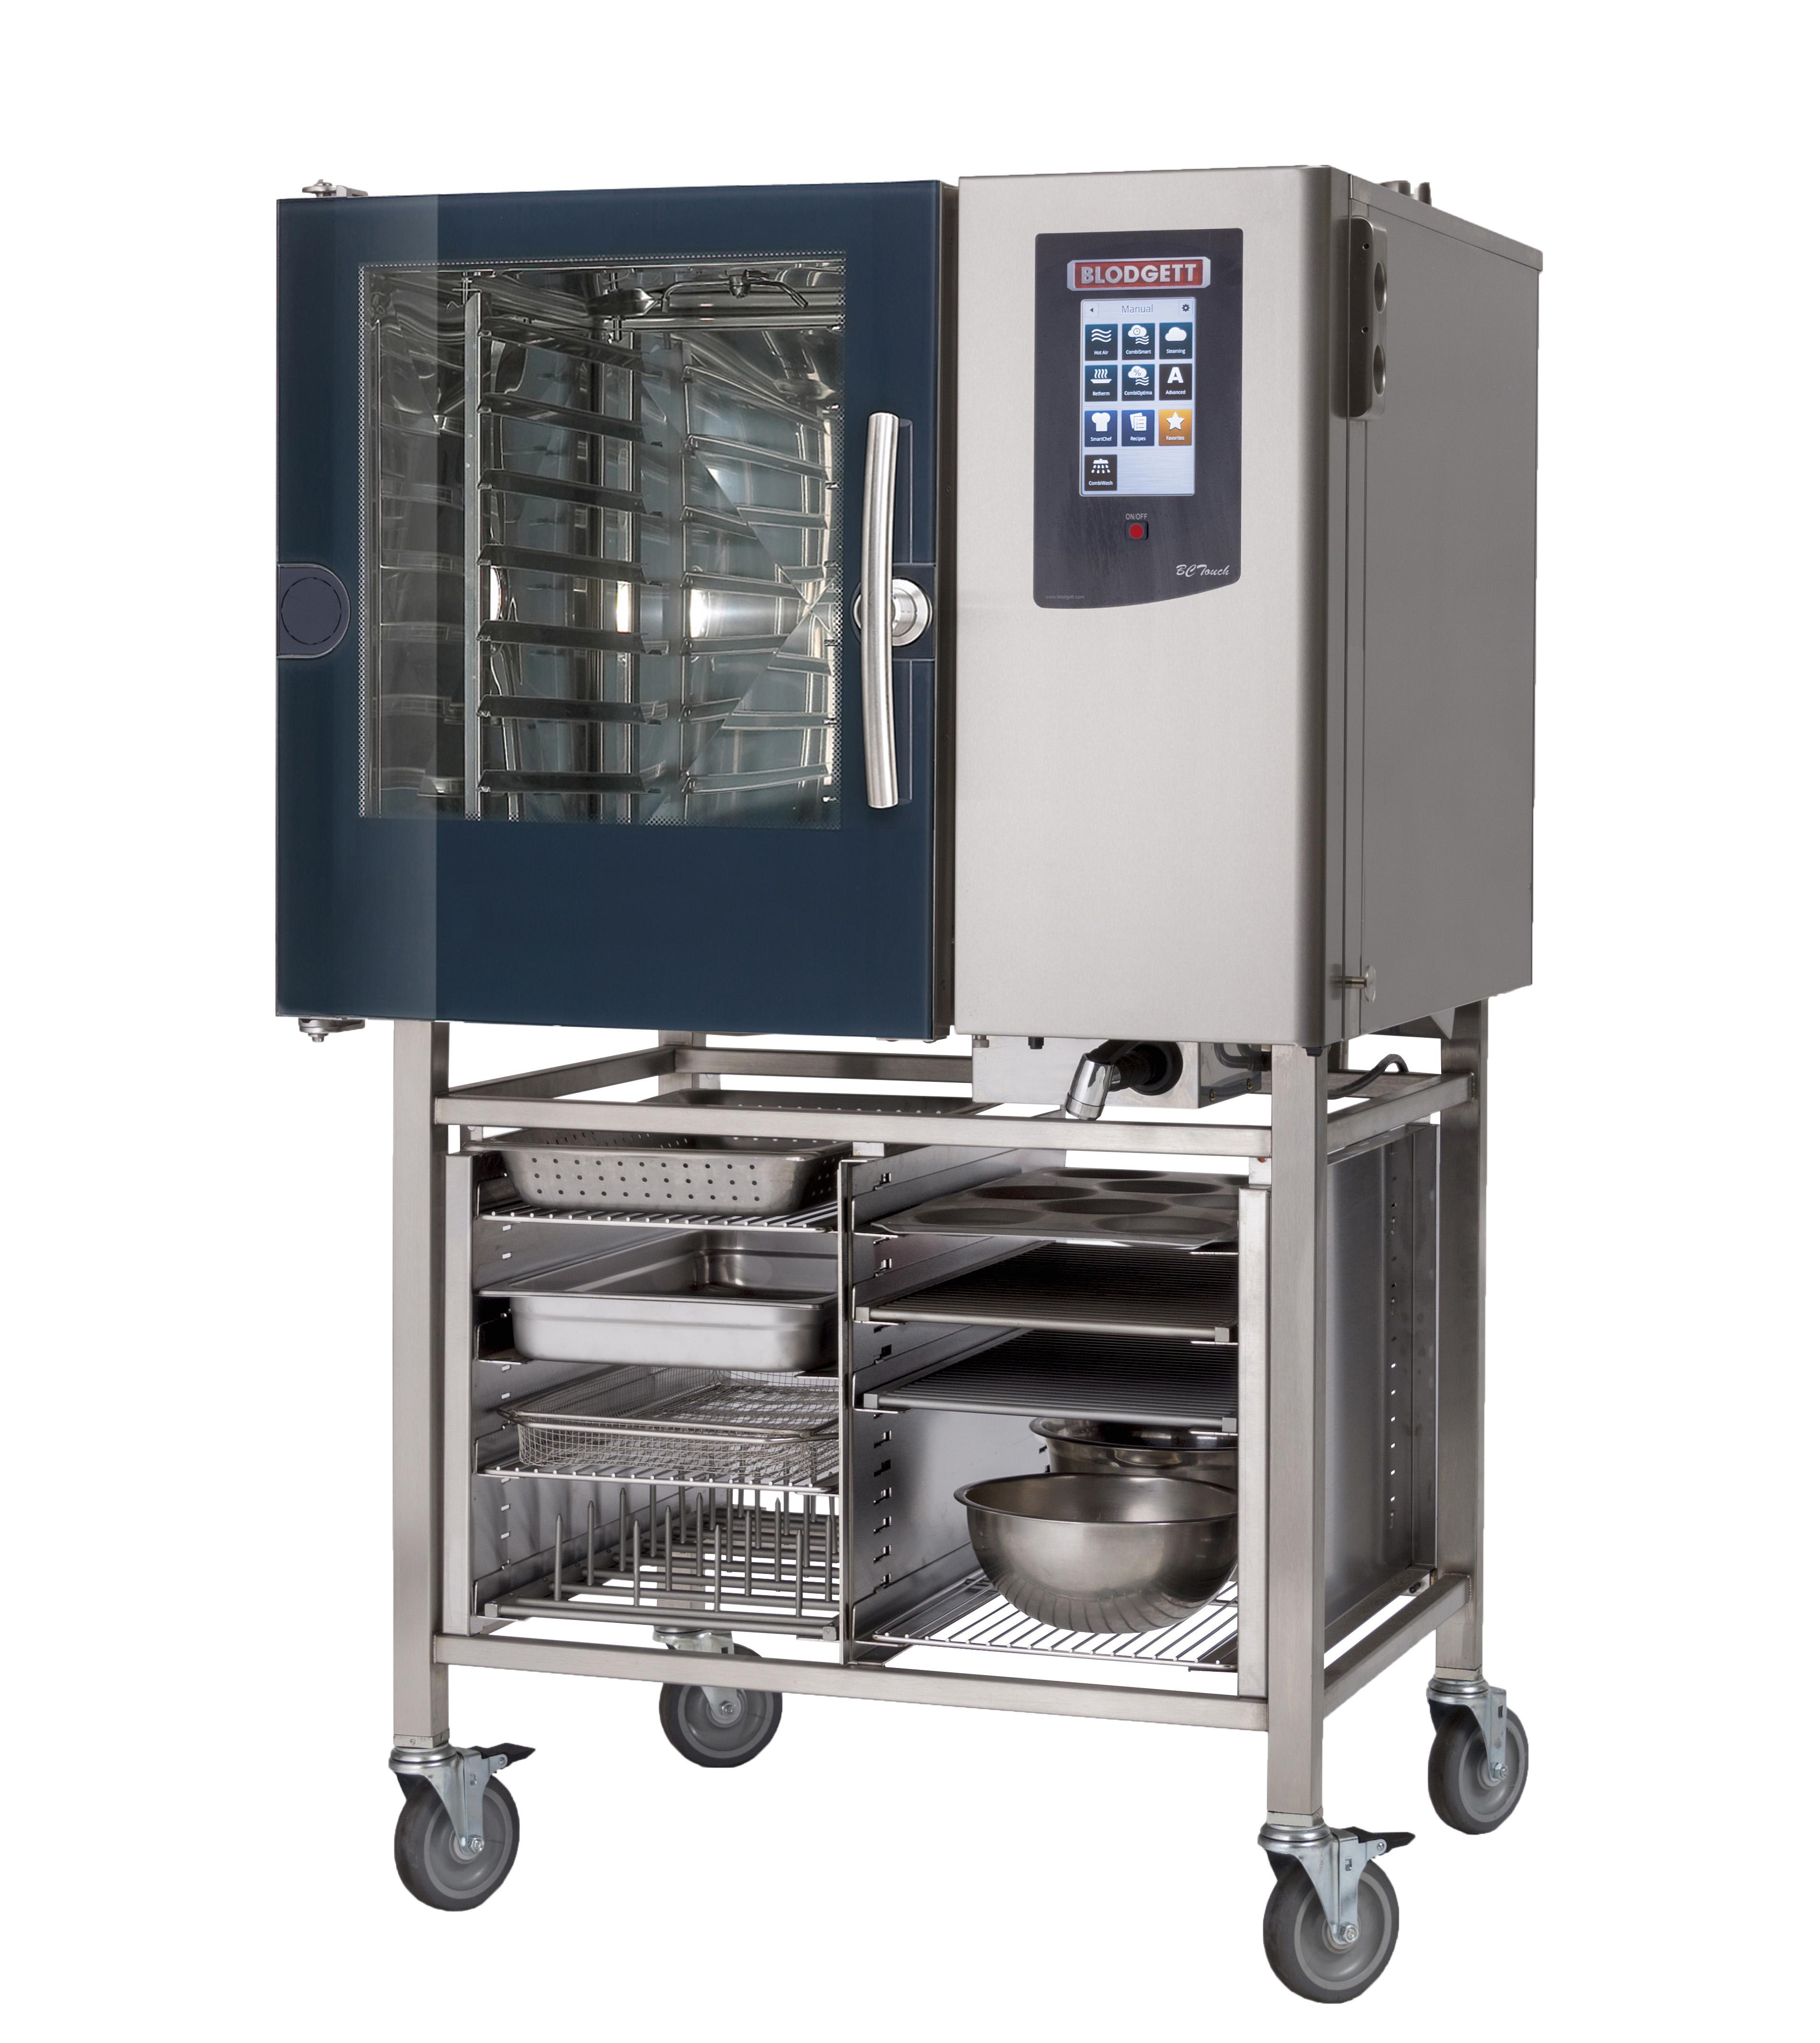 Blodgett BCT61G combi oven